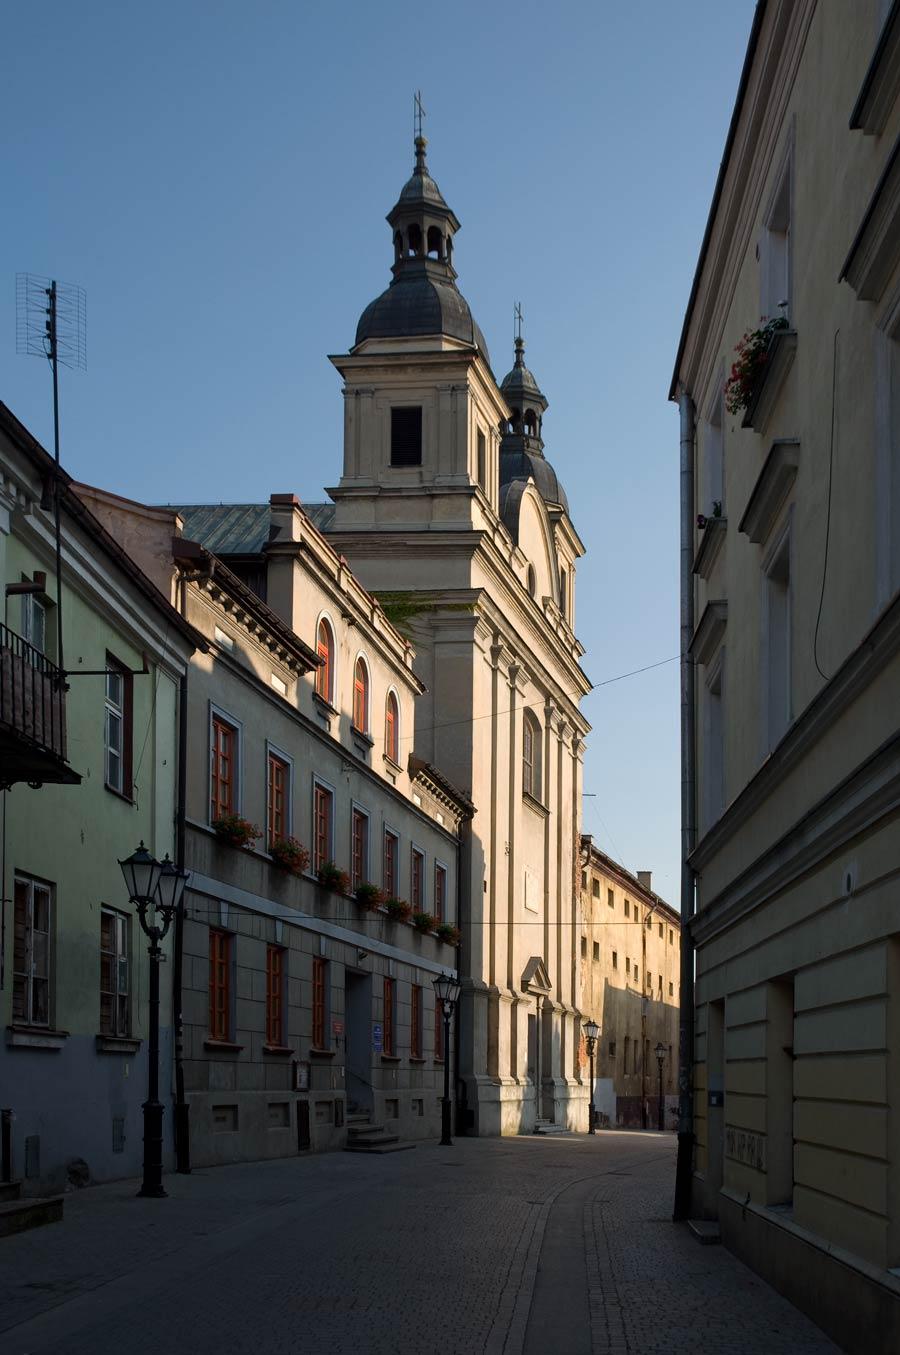 Kościół ewangelicko-augsburski w Piotrkowie Trybunalskim